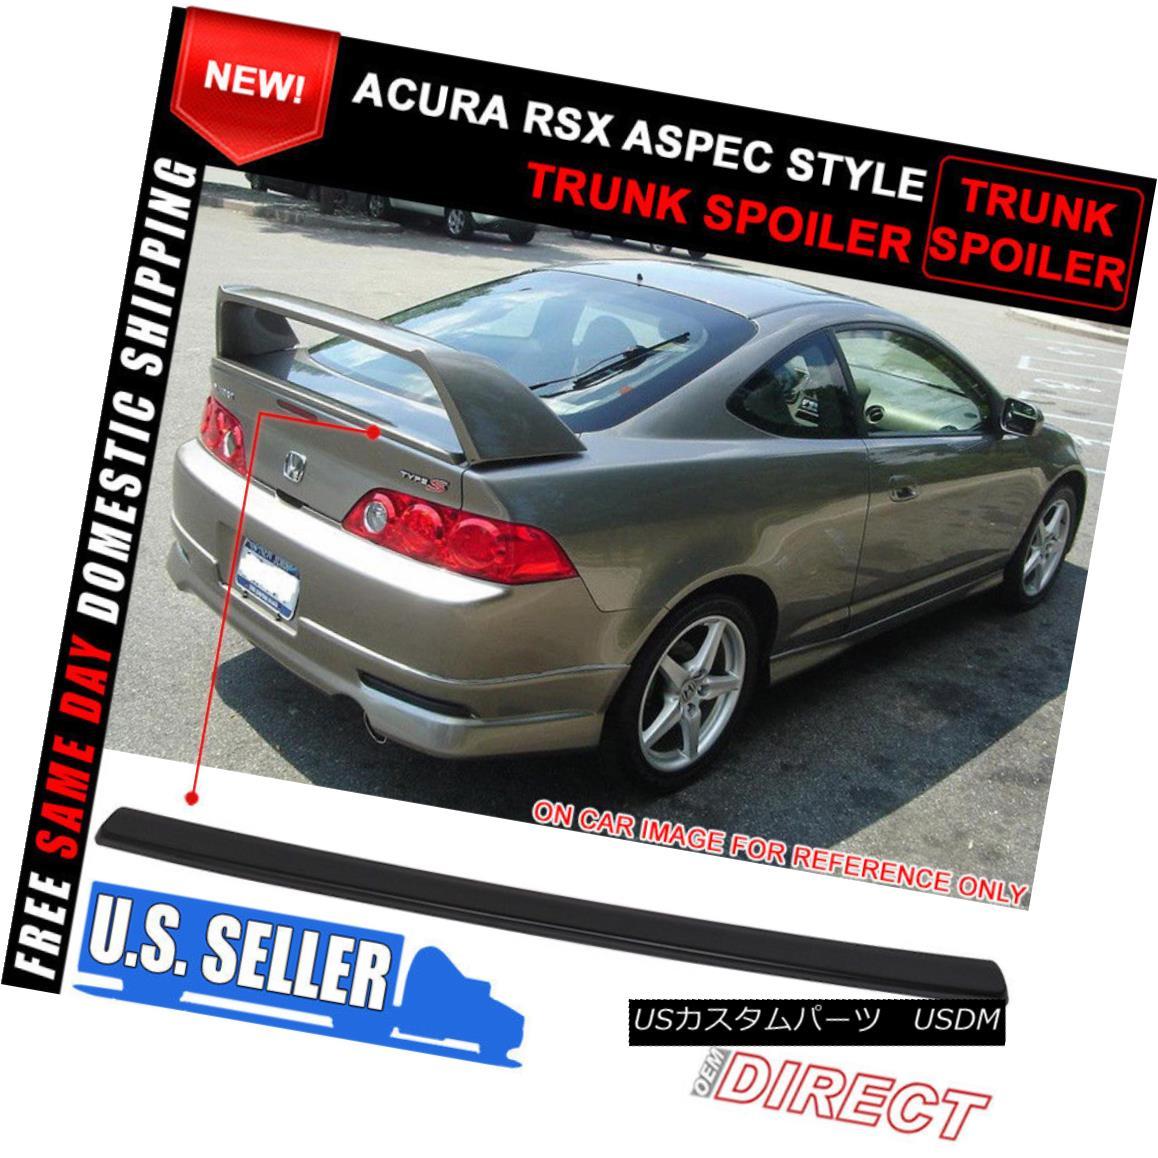 エアロパーツ 02-06 Acura RSX DC5 Aspec Mini Decklid For Type R Trunk Spoiler - ABS 02-06 Acura RSX DC5 AspecミニDecklidタイプRトランク・スポイラー - ABS